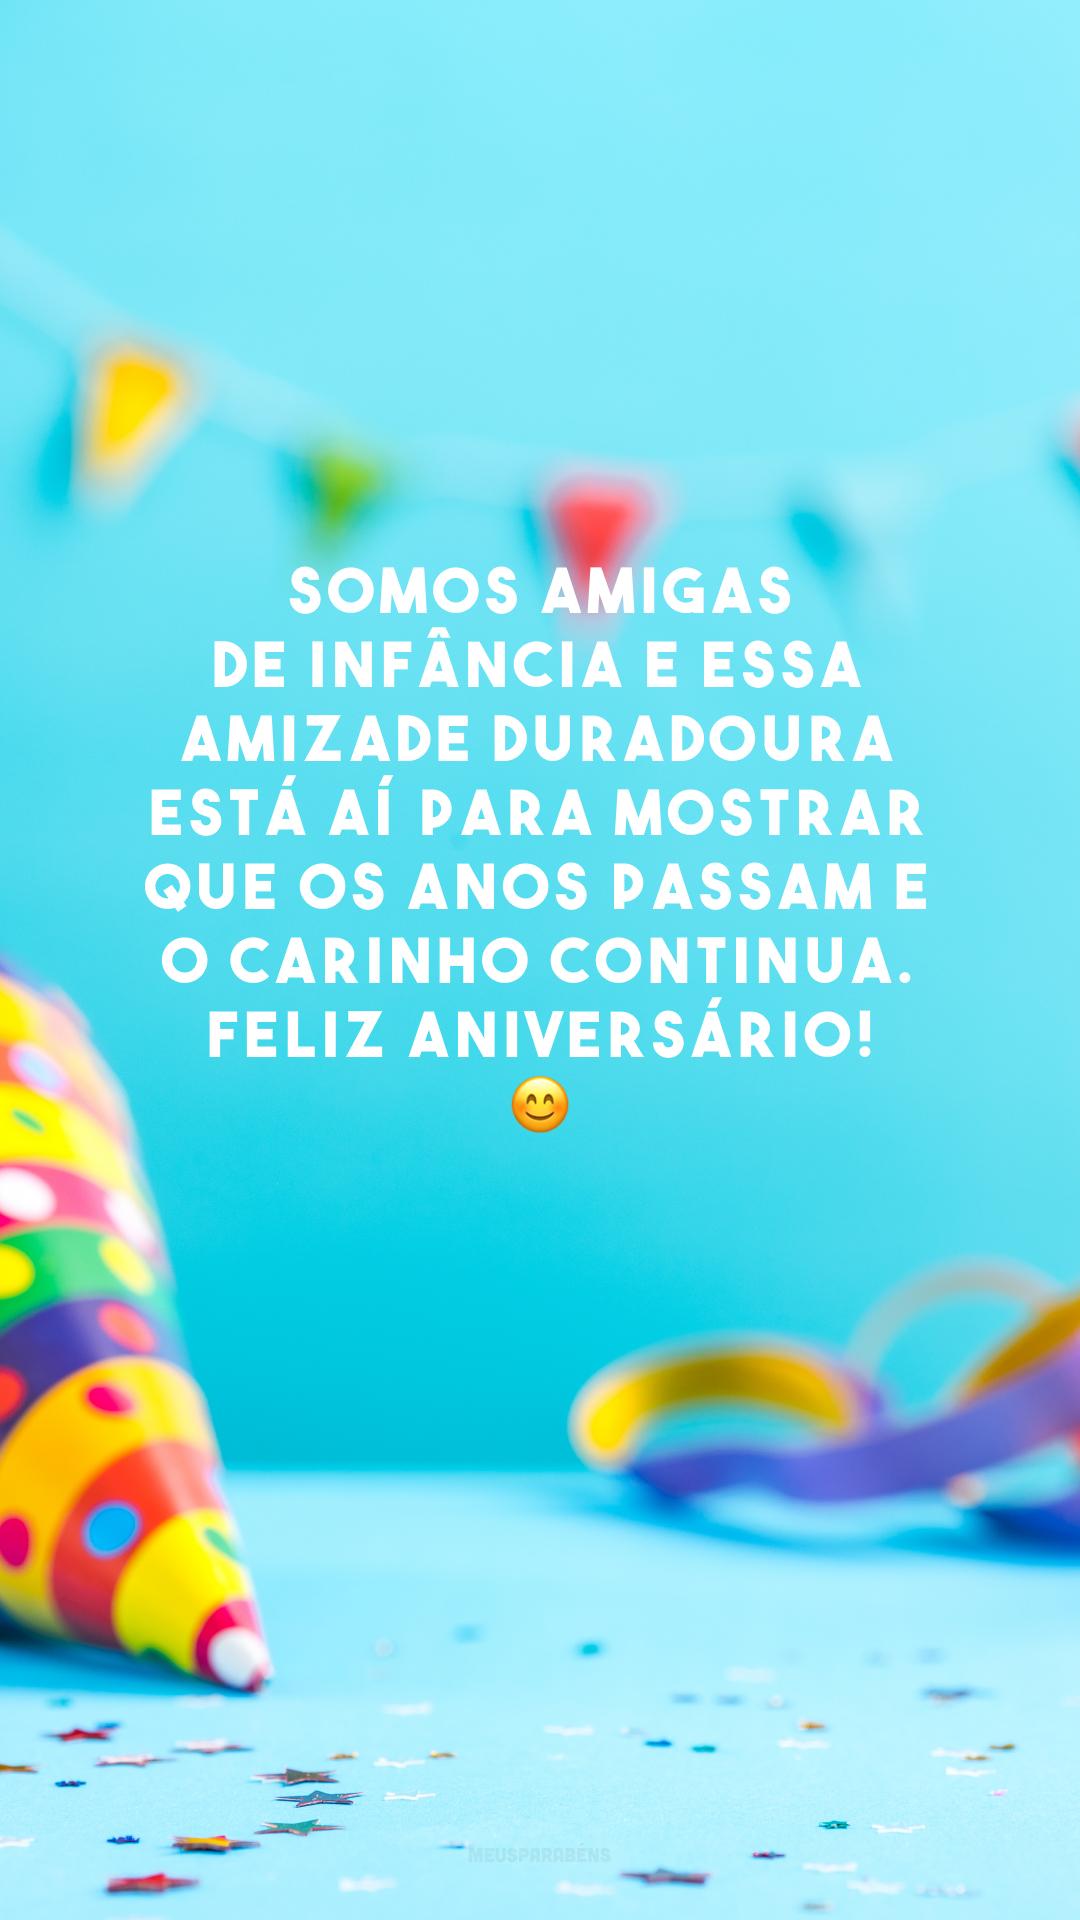 Somos amigas de infância e essa amizade duradoura está aí para mostrar que os anos passam e o carinho continua. Feliz aniversário! 😊